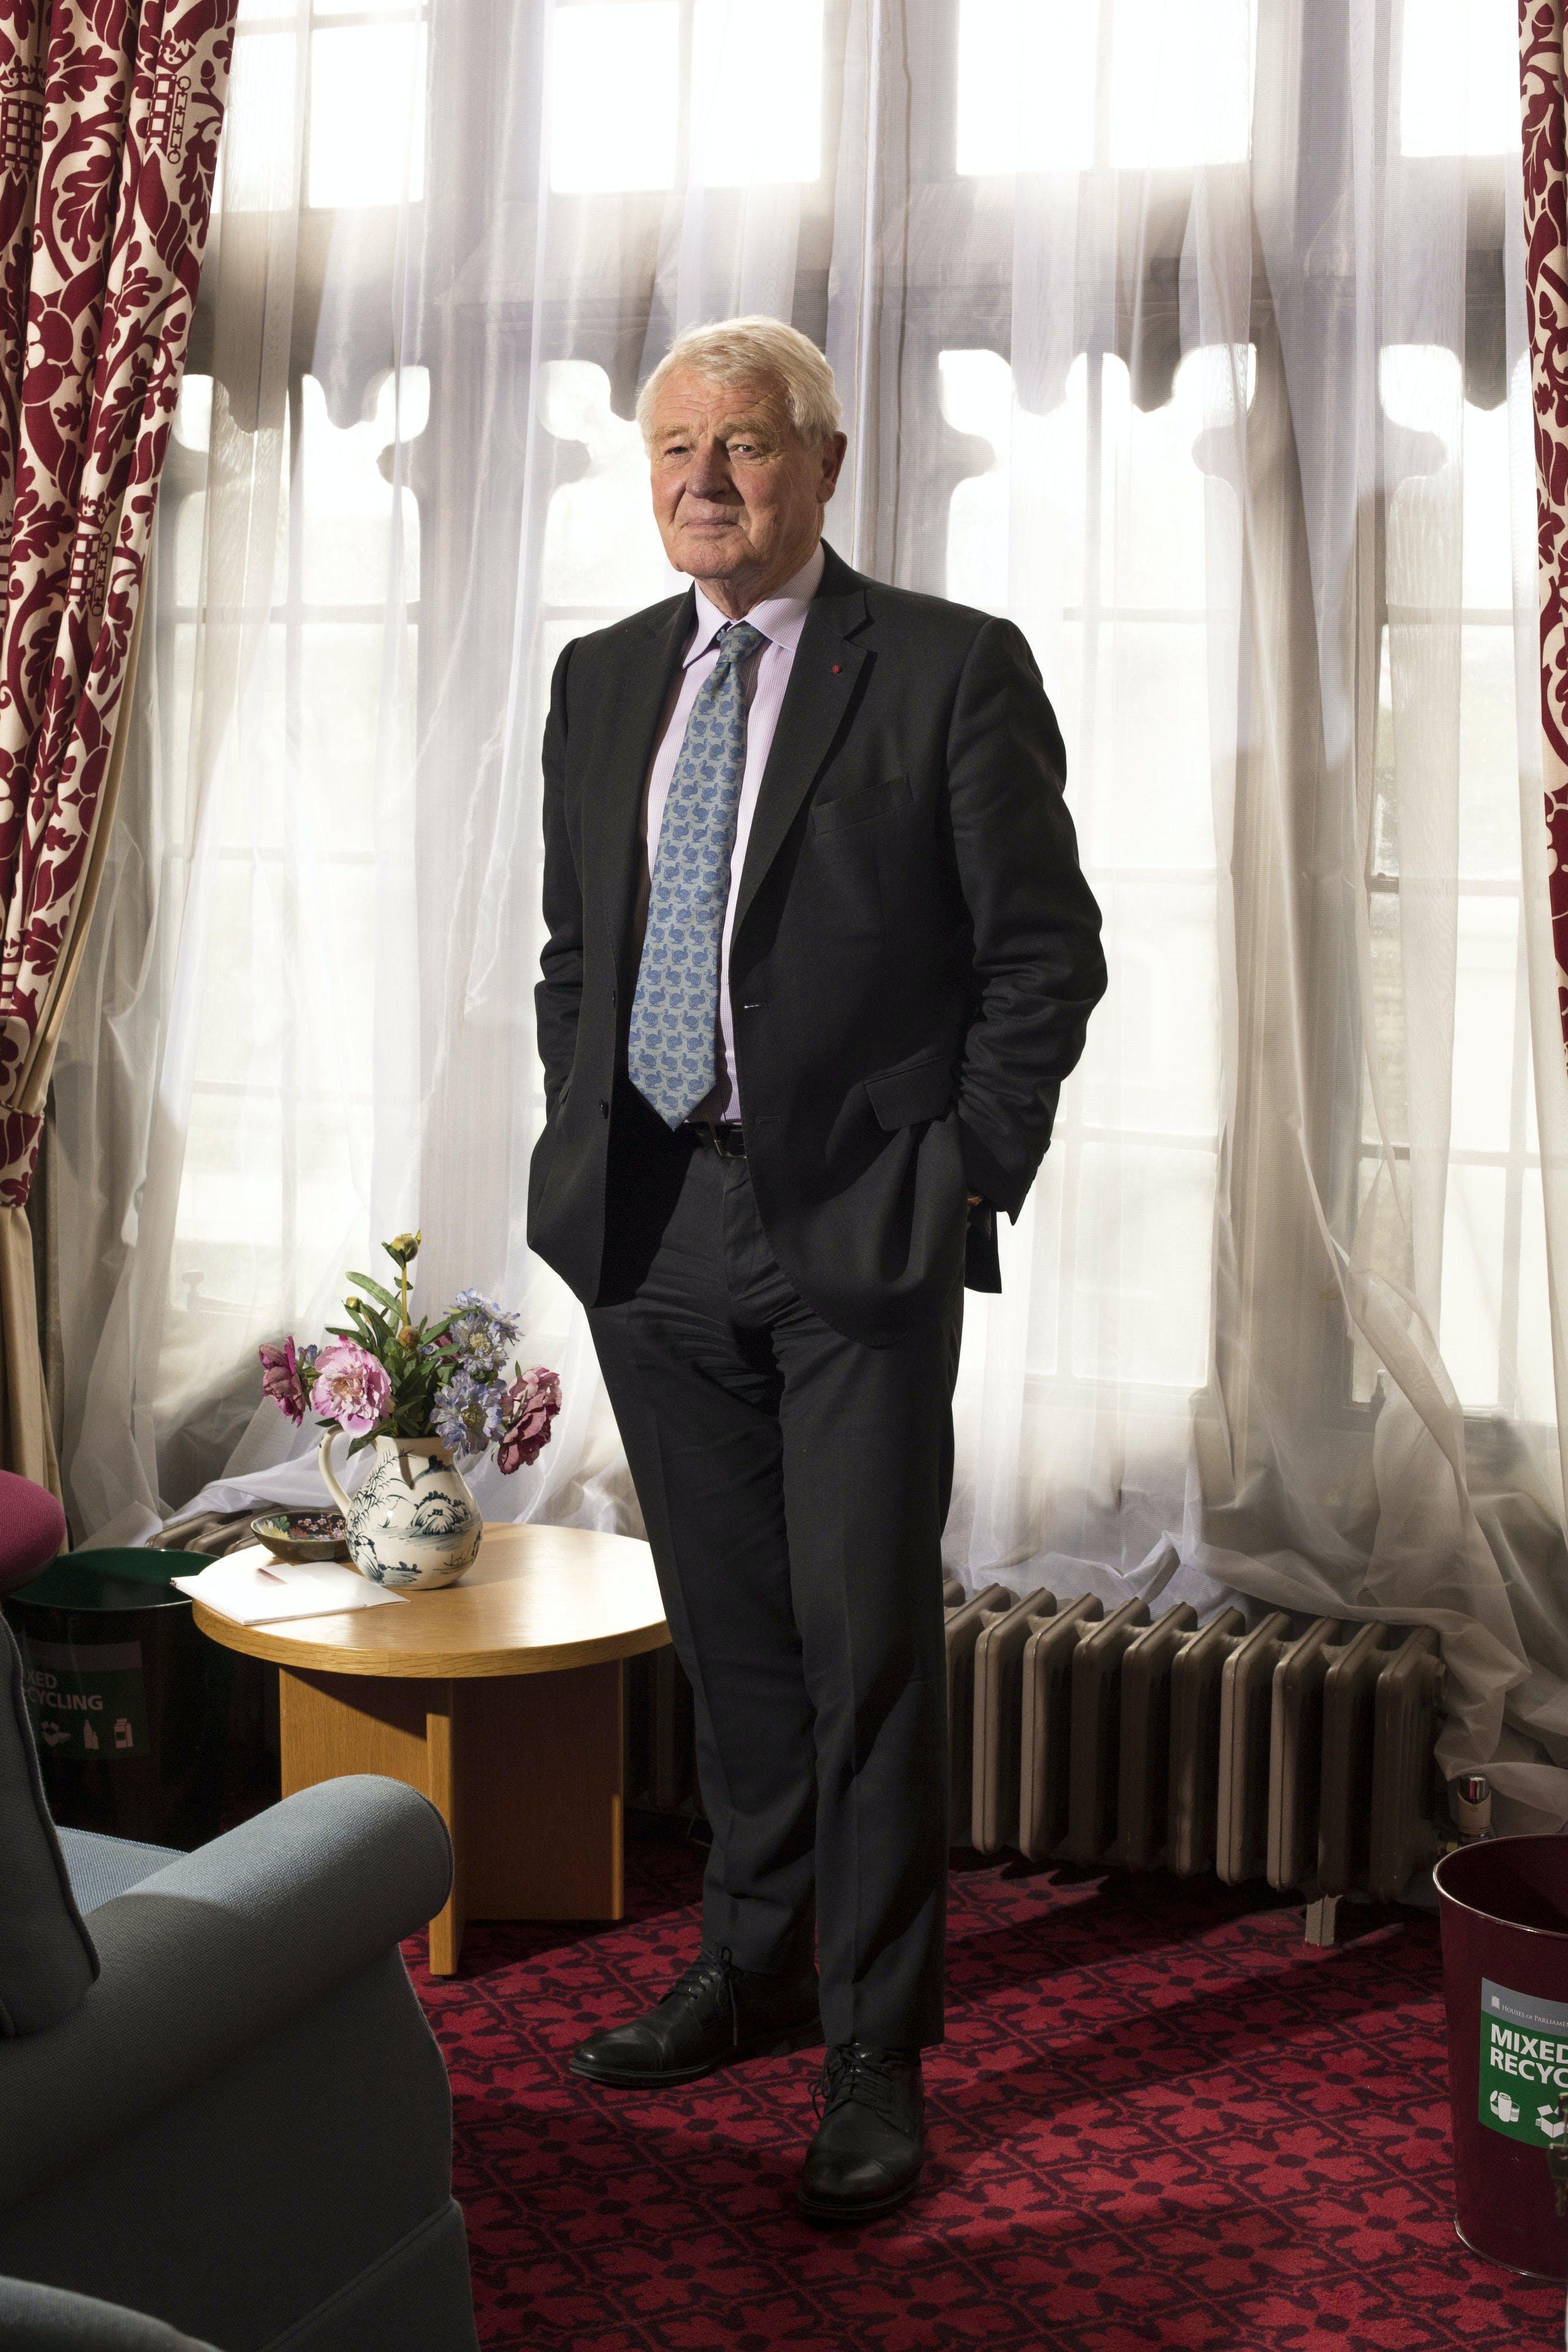 Paddy Ashdown zit namens de LibDems in het Hogerhuis.